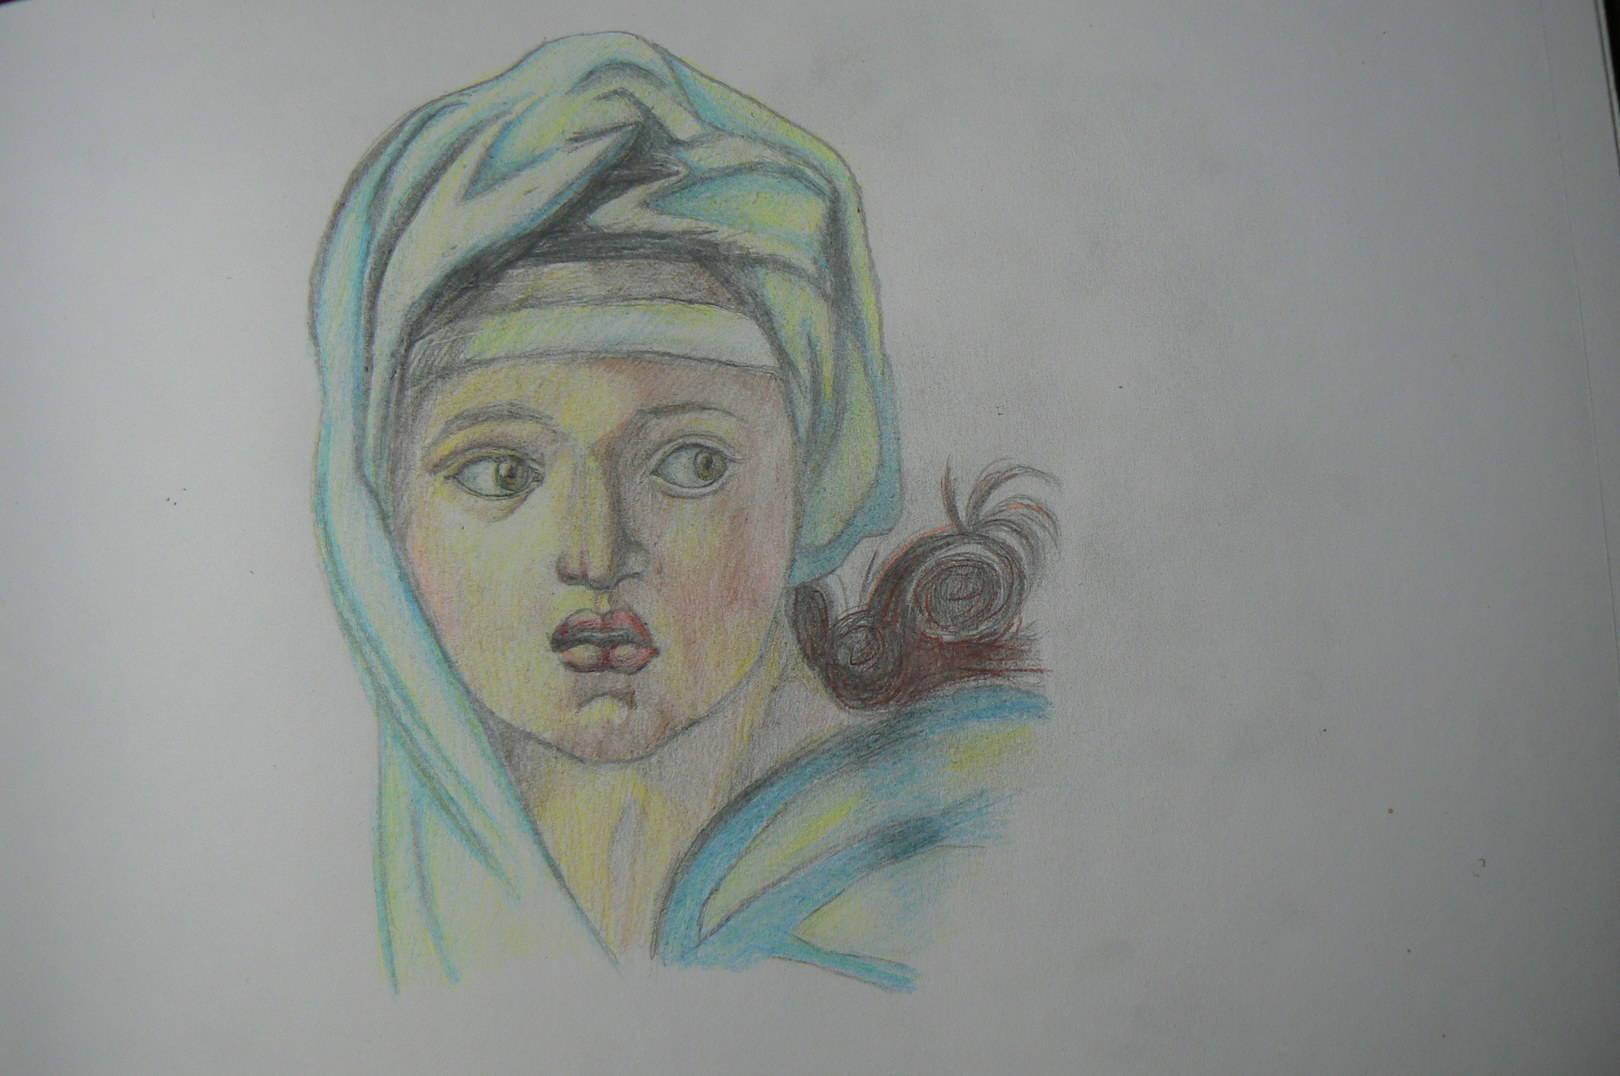 Микеланджело Буонарроти. Дельфийская сивилла. Фрагмент